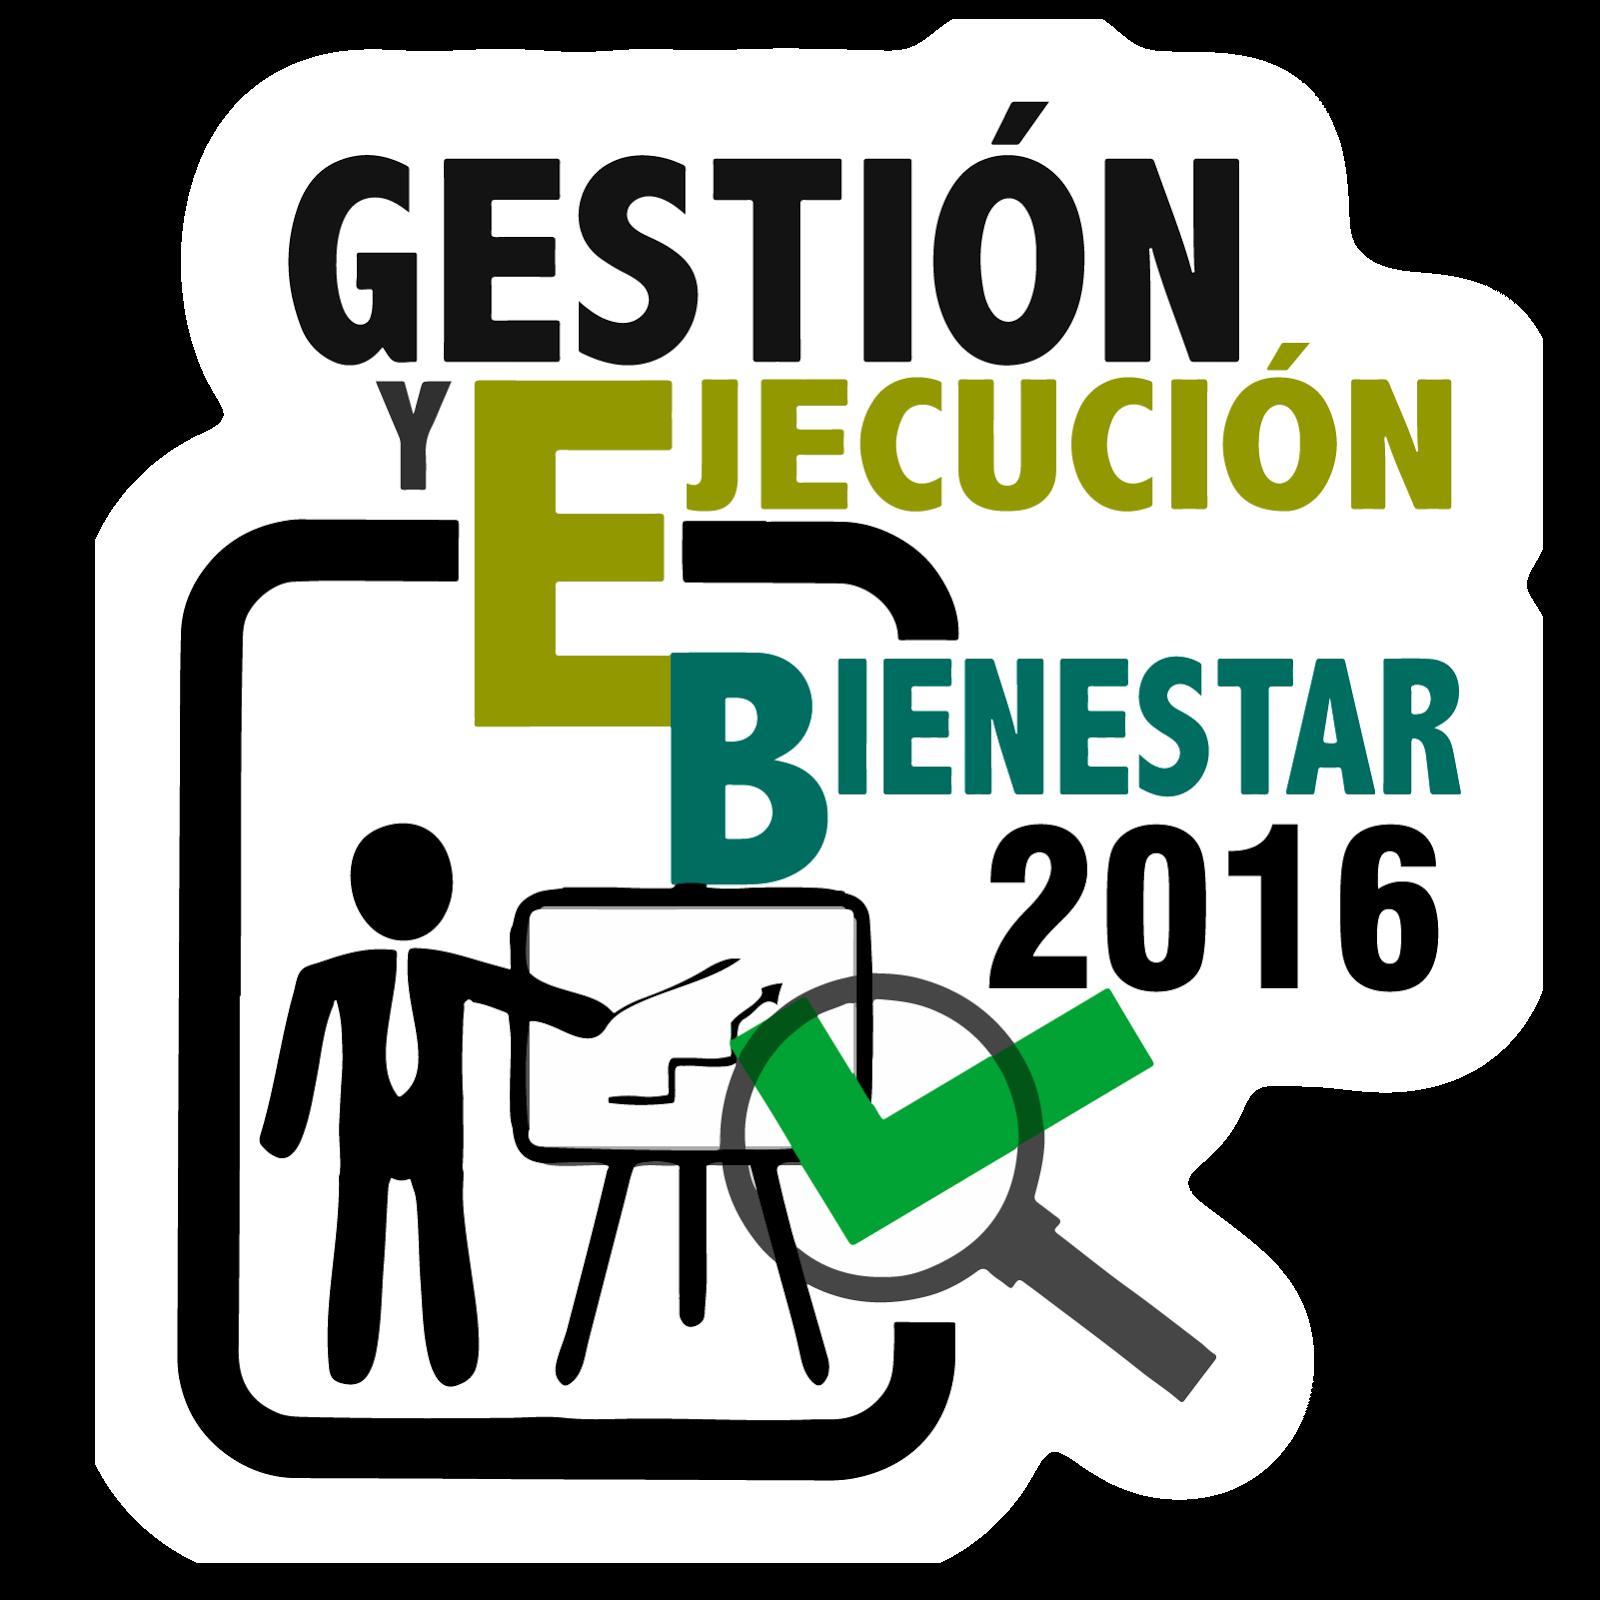 Gestión y Ejecución Bienestar 2016